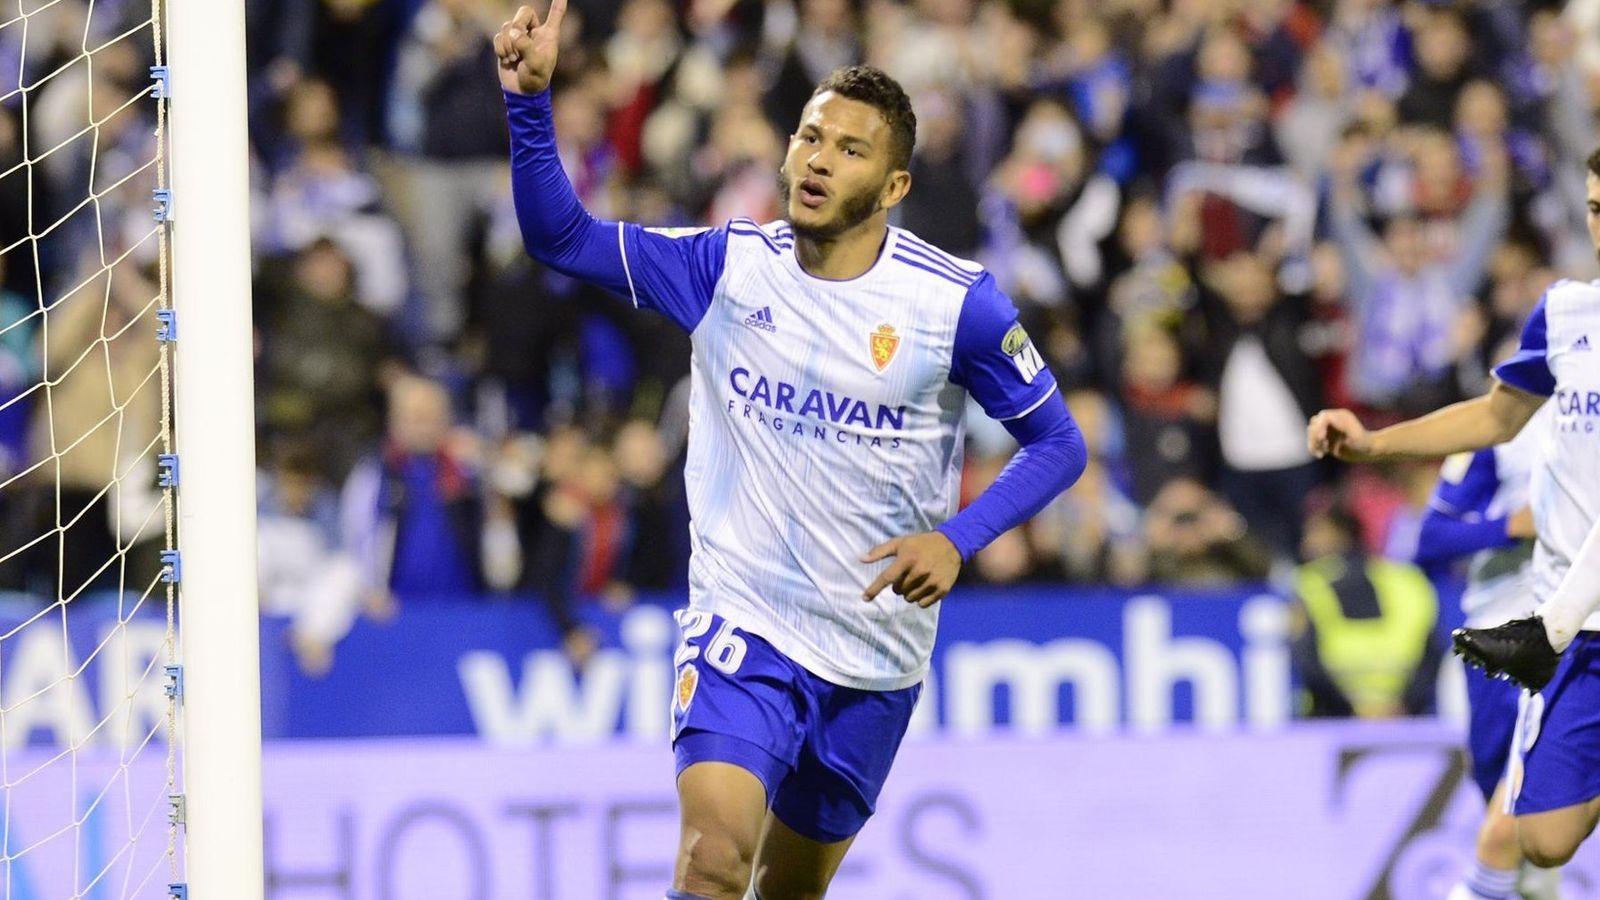 Foto: Luis Suarez celebra un gol. (Europa Press)